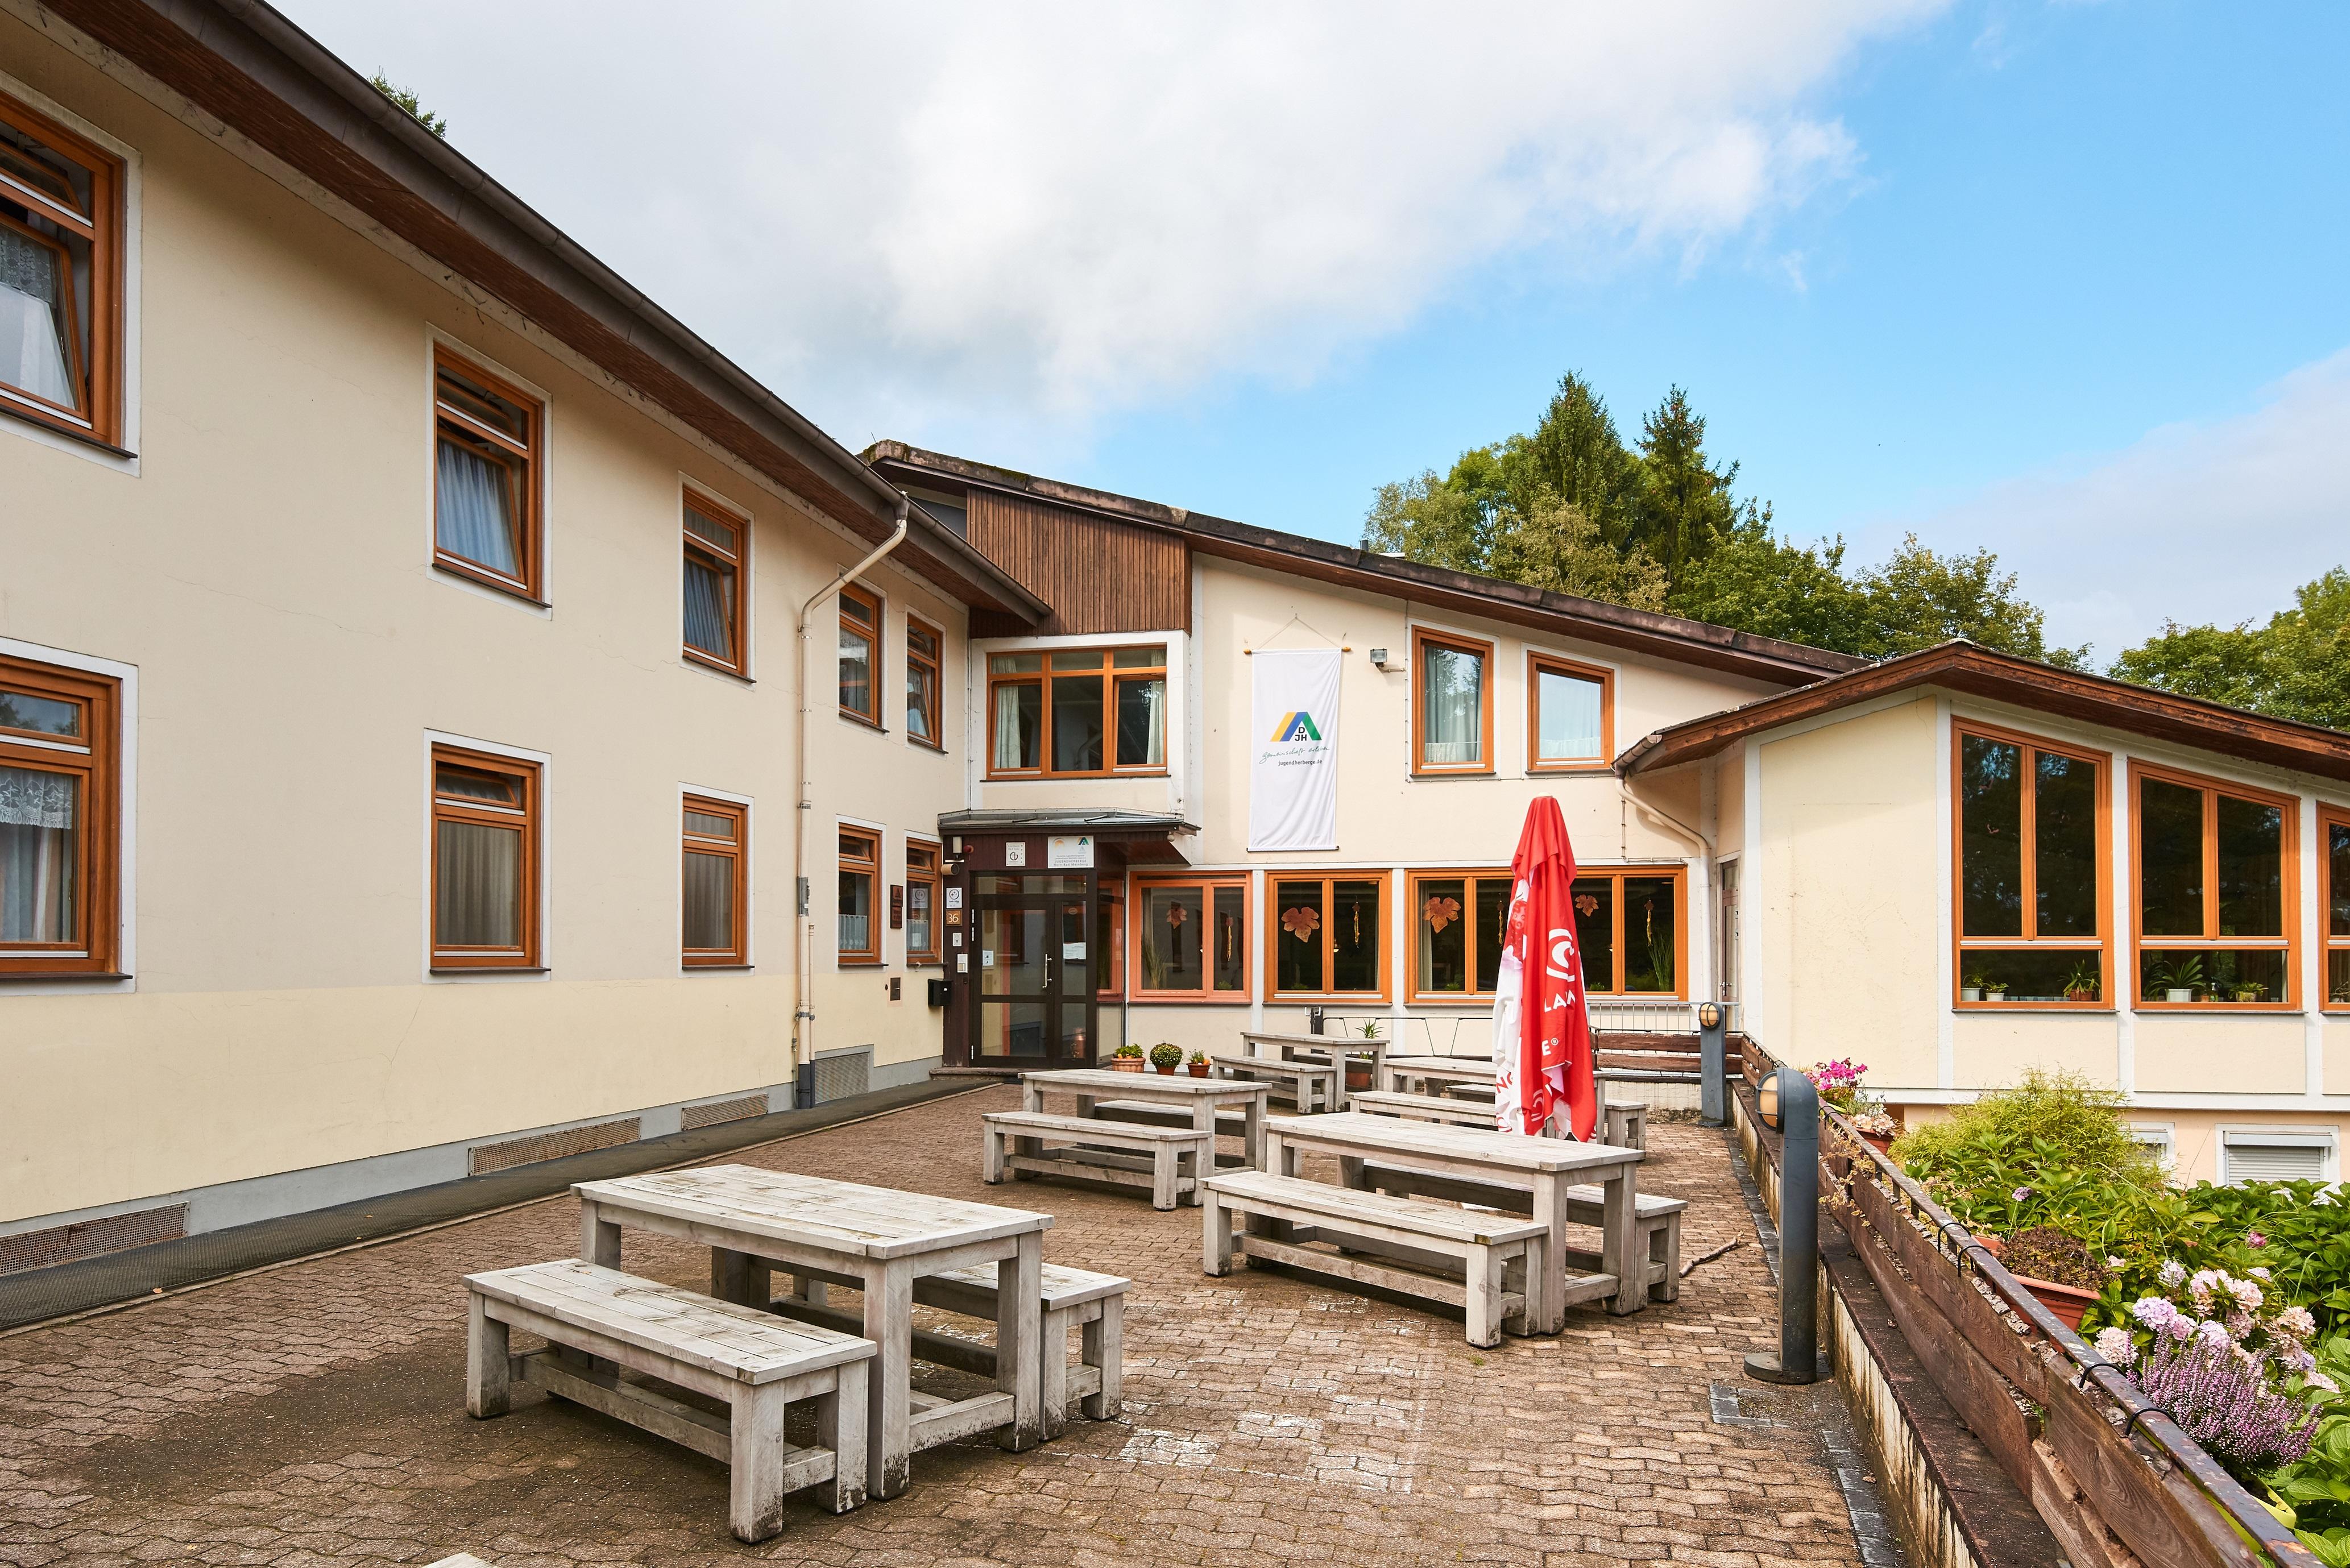 tourismus reise transport in horn bad meinberg infobel deutschland. Black Bedroom Furniture Sets. Home Design Ideas